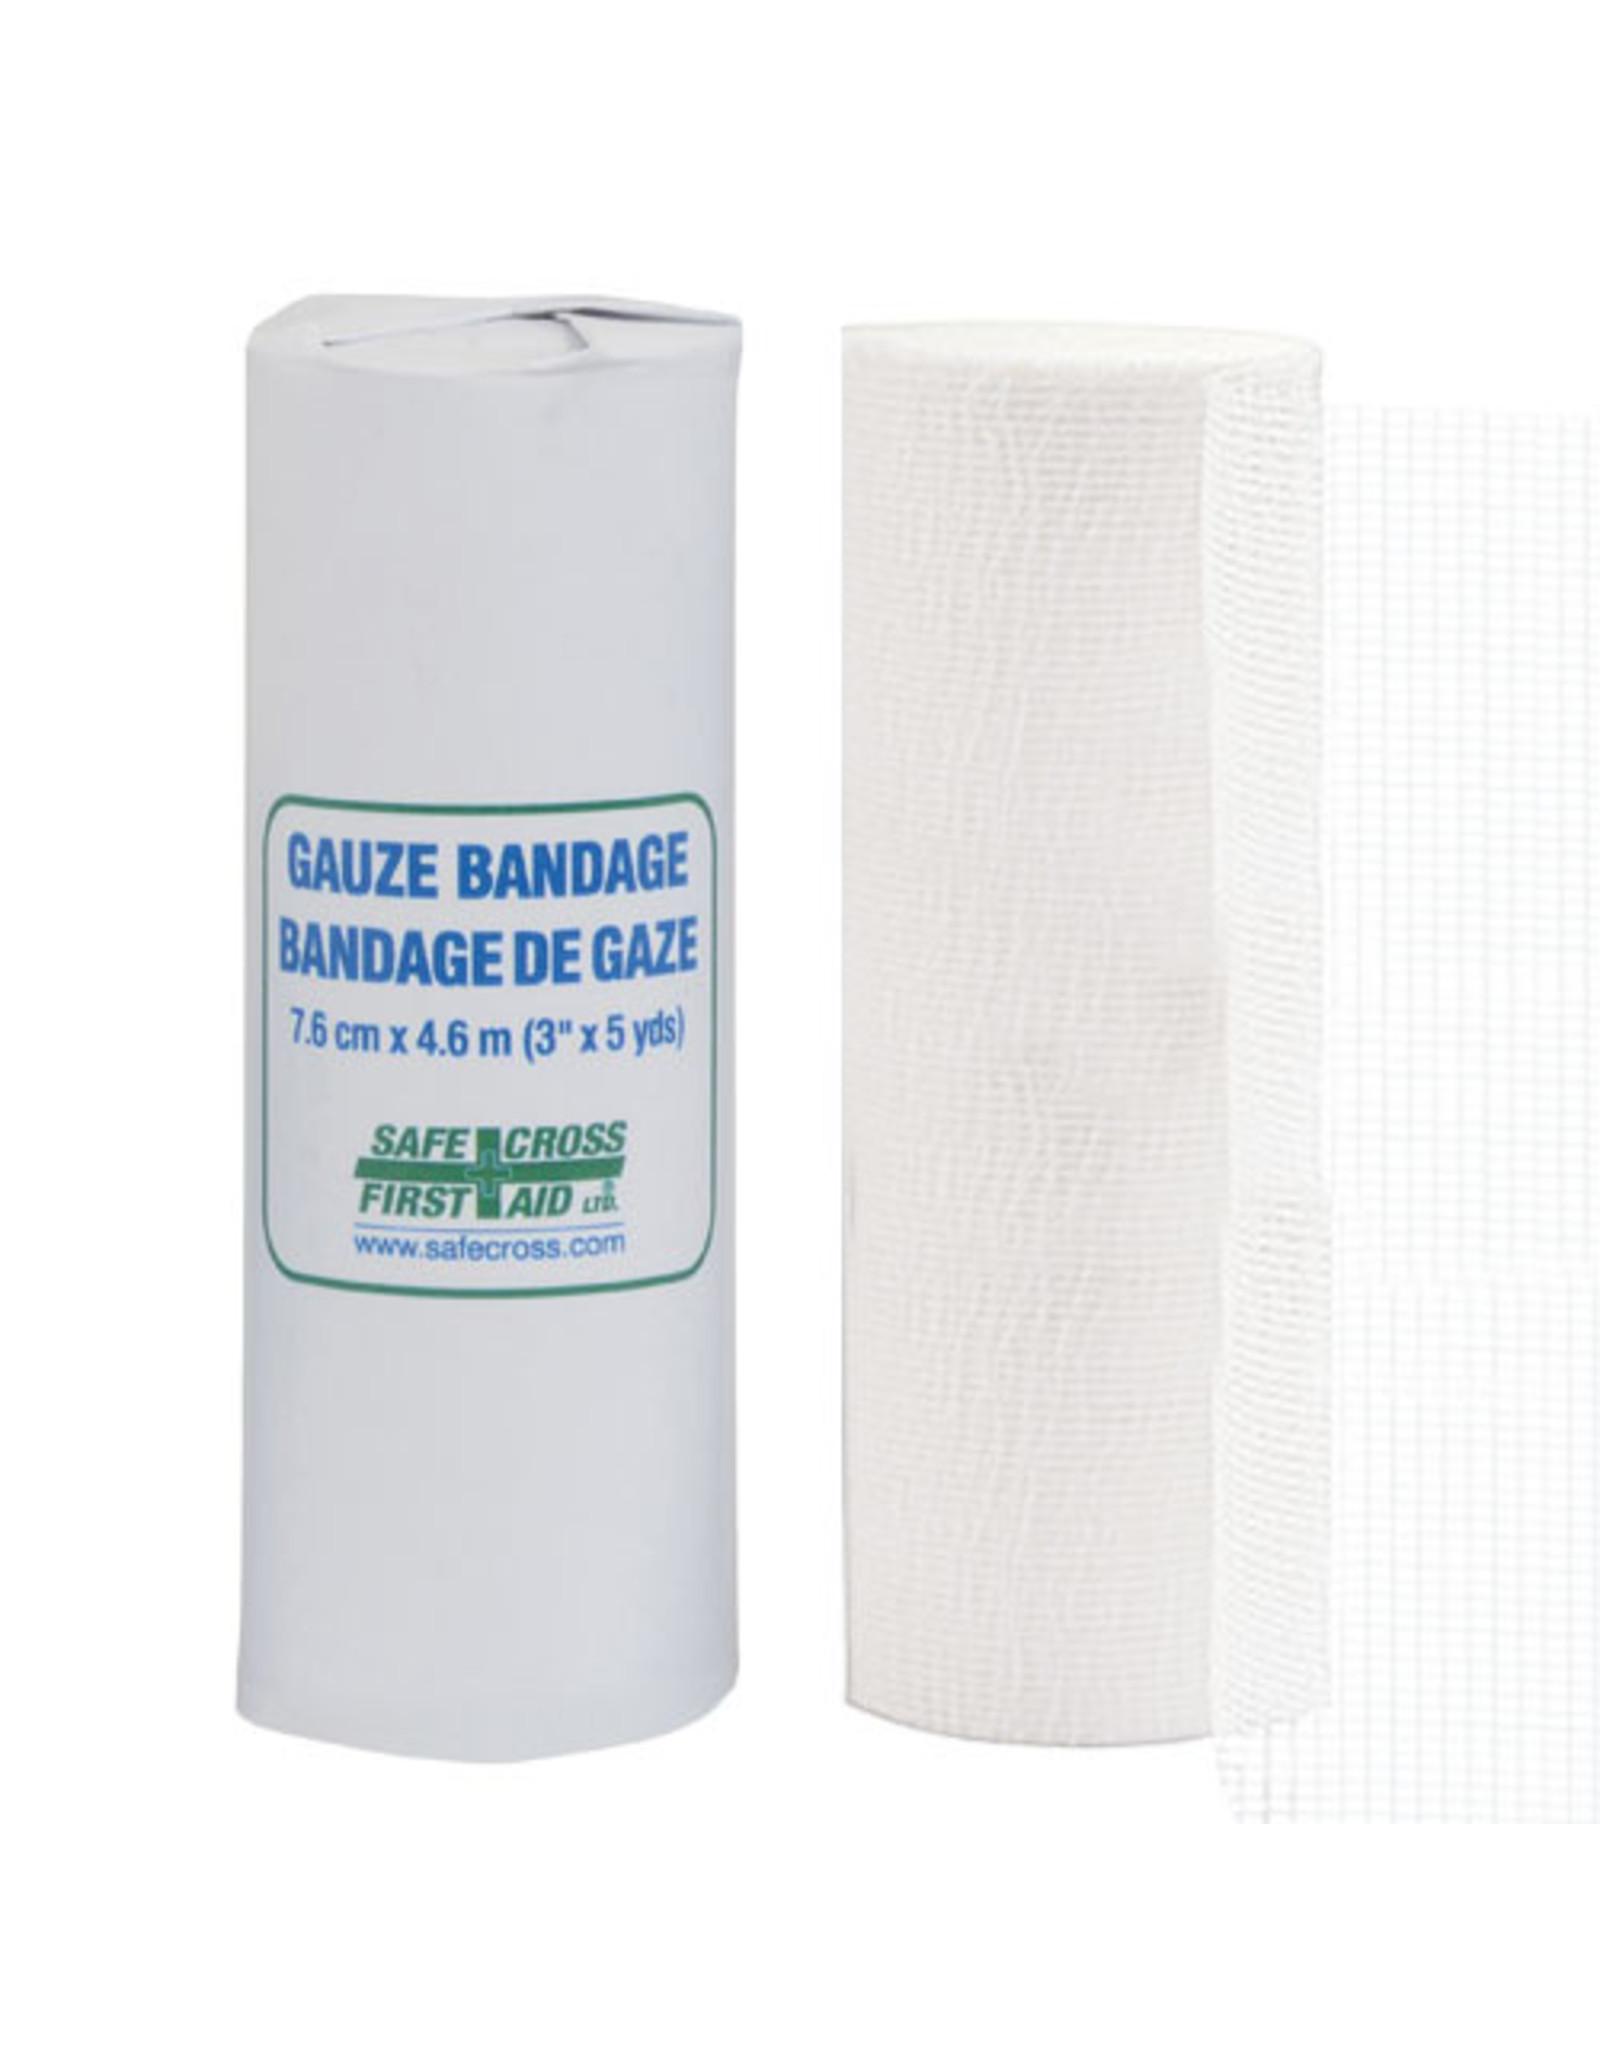 Gauze Bandage Roll, 7.6cm x 4.6m